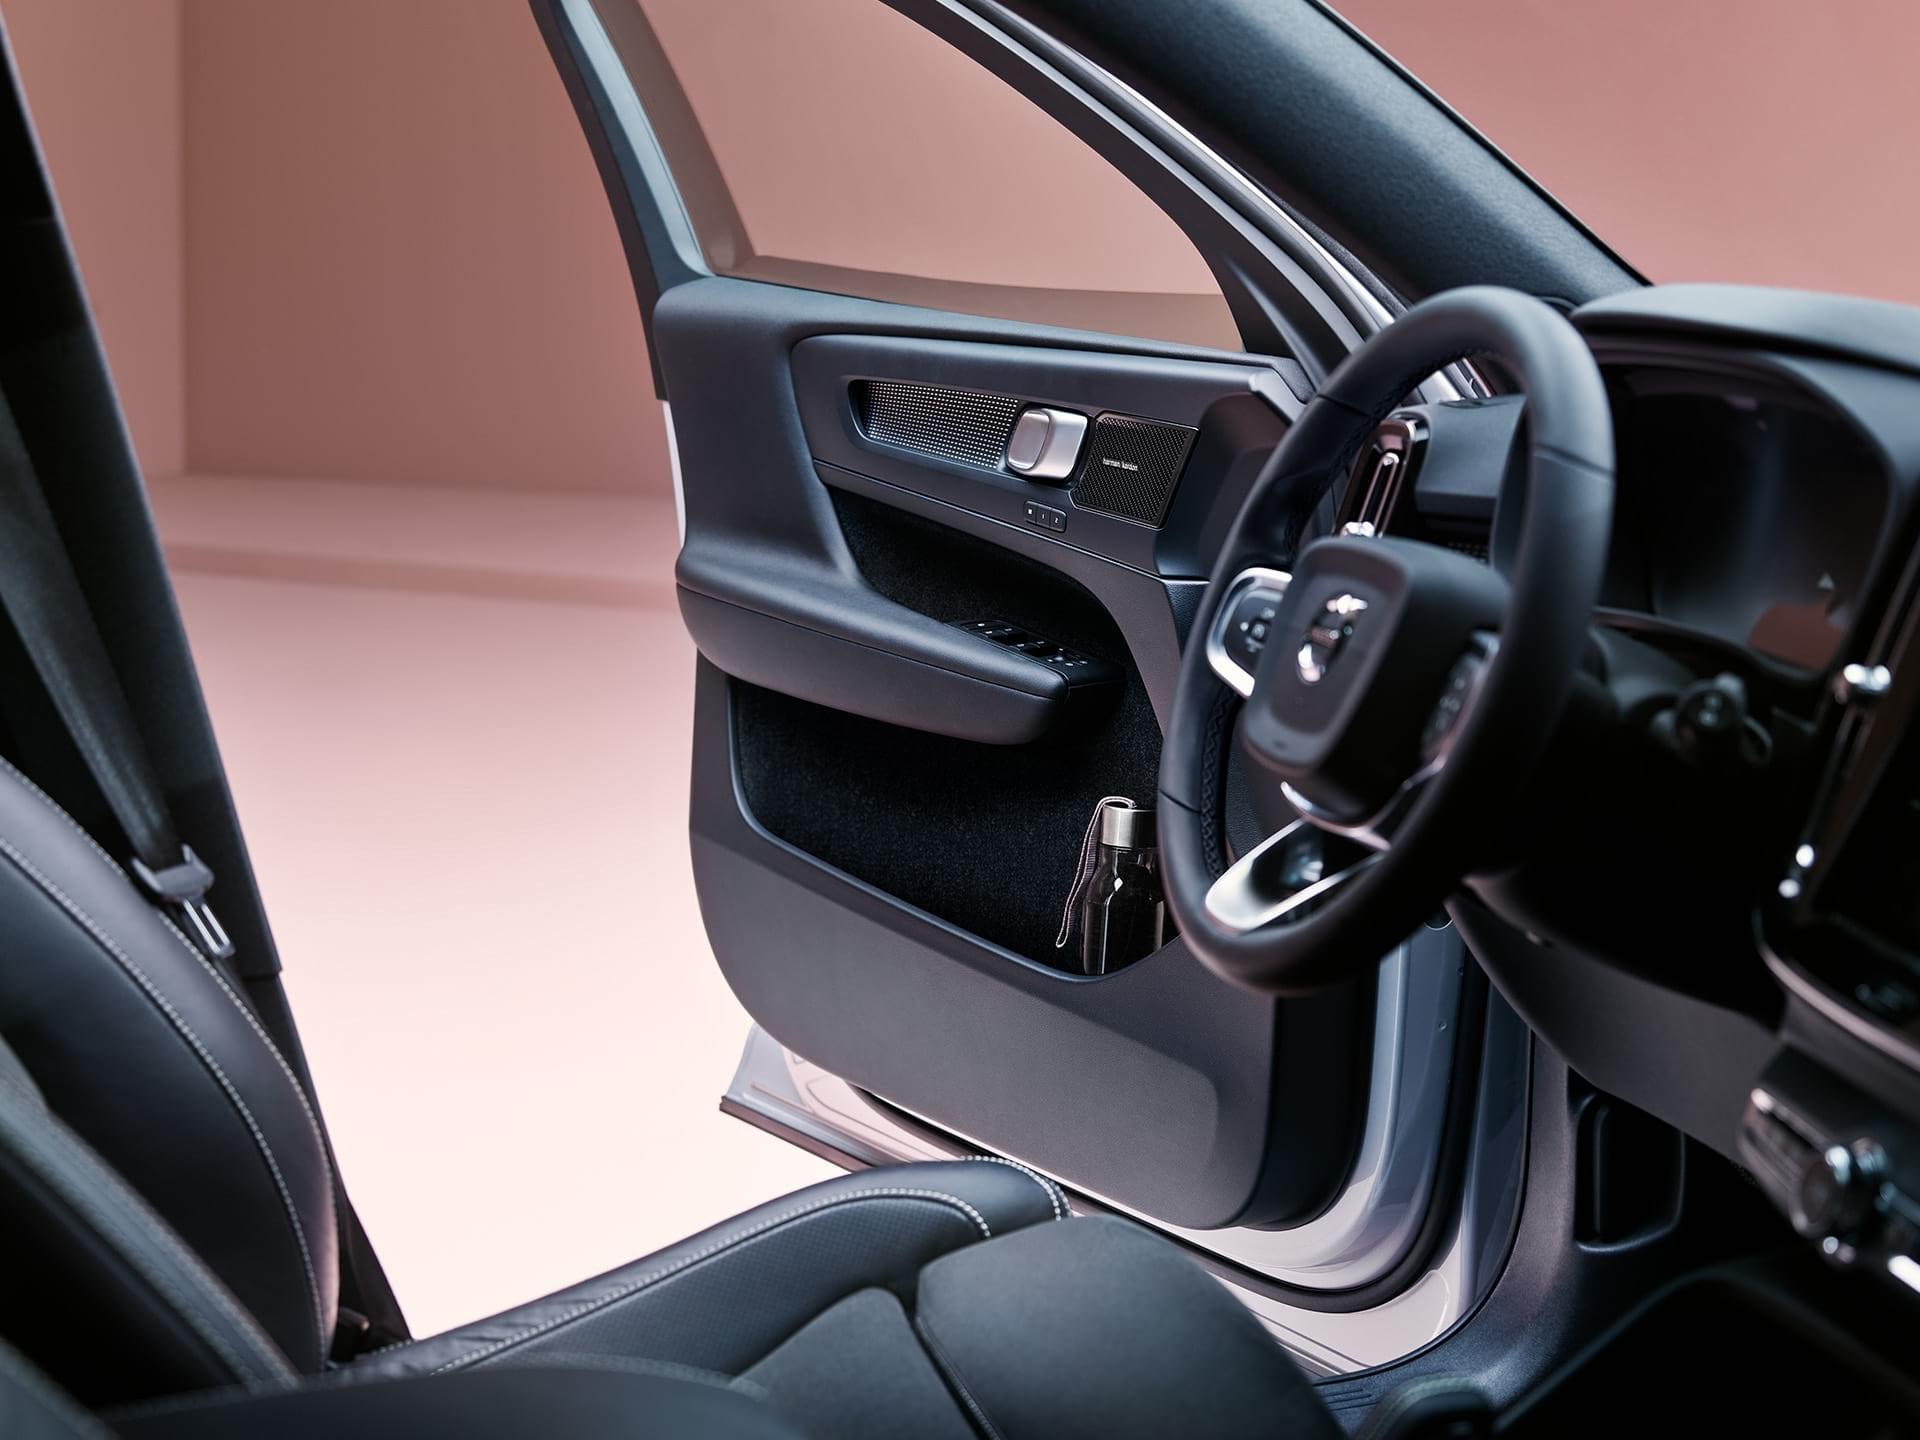 Innenansicht eines Volvo XC40 Recharge mit schwarzem Innenraum, die Fahrertür ist offen und in der Tür befindet sich eine Wasserflasche.